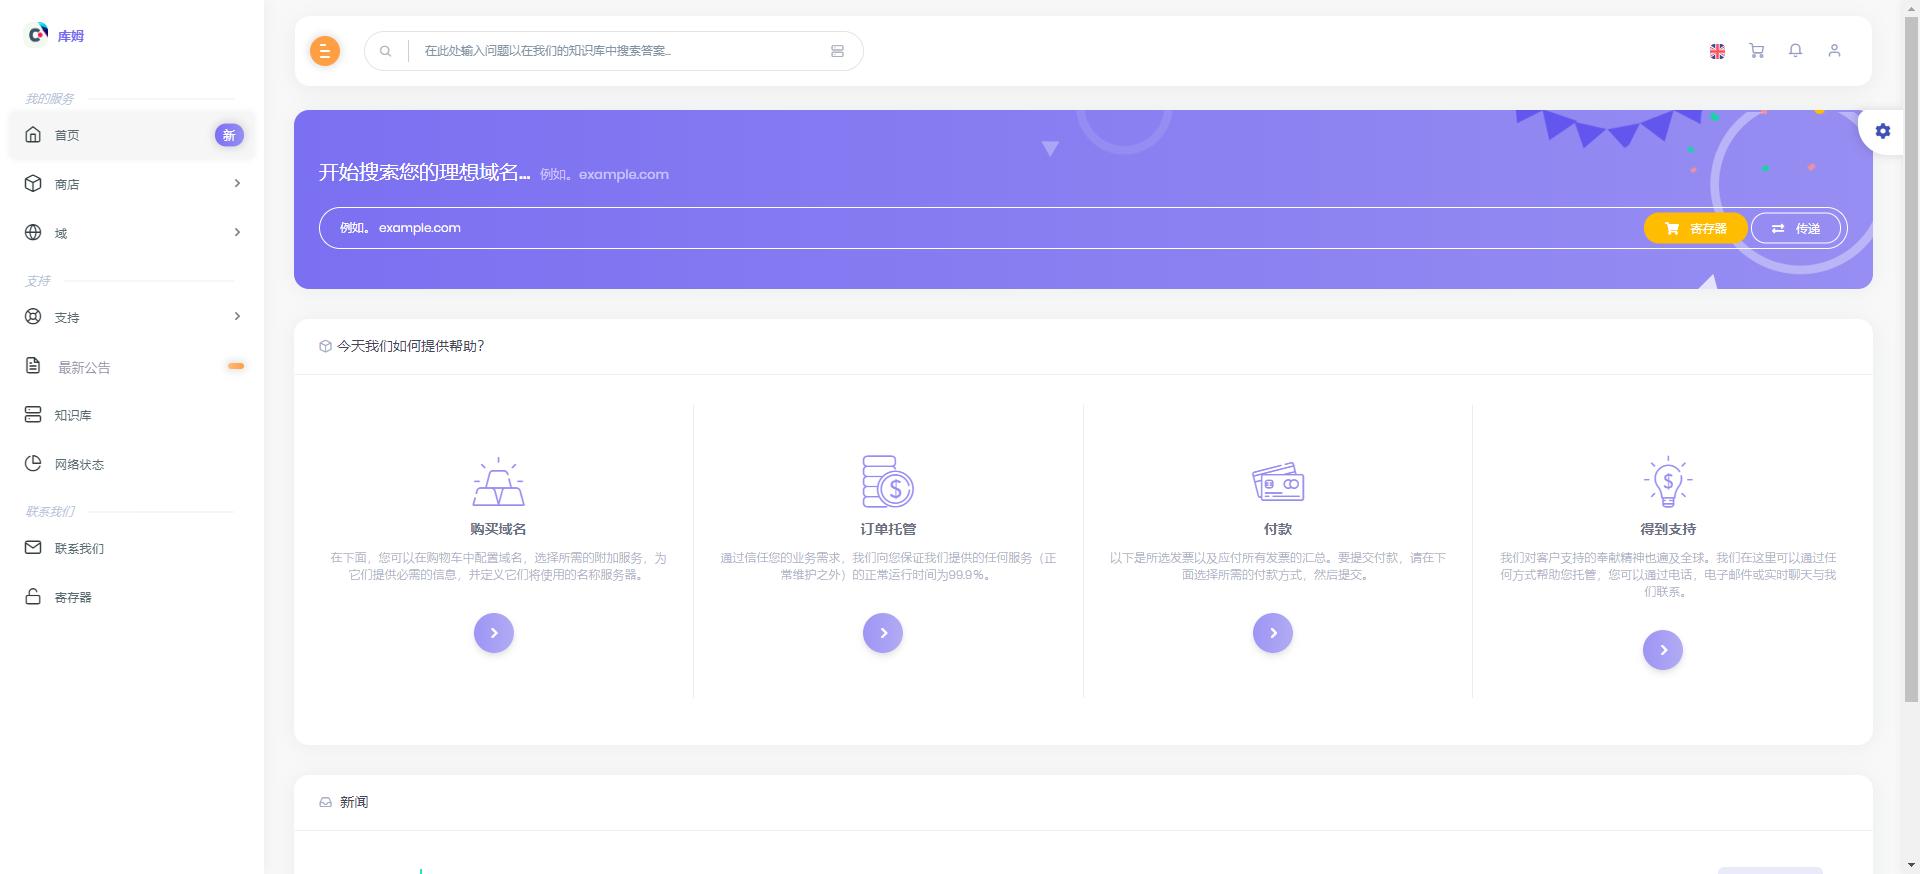 WHMCS模板COOWHM V1.2最新版本2020多功能模板-常网小站Miknio